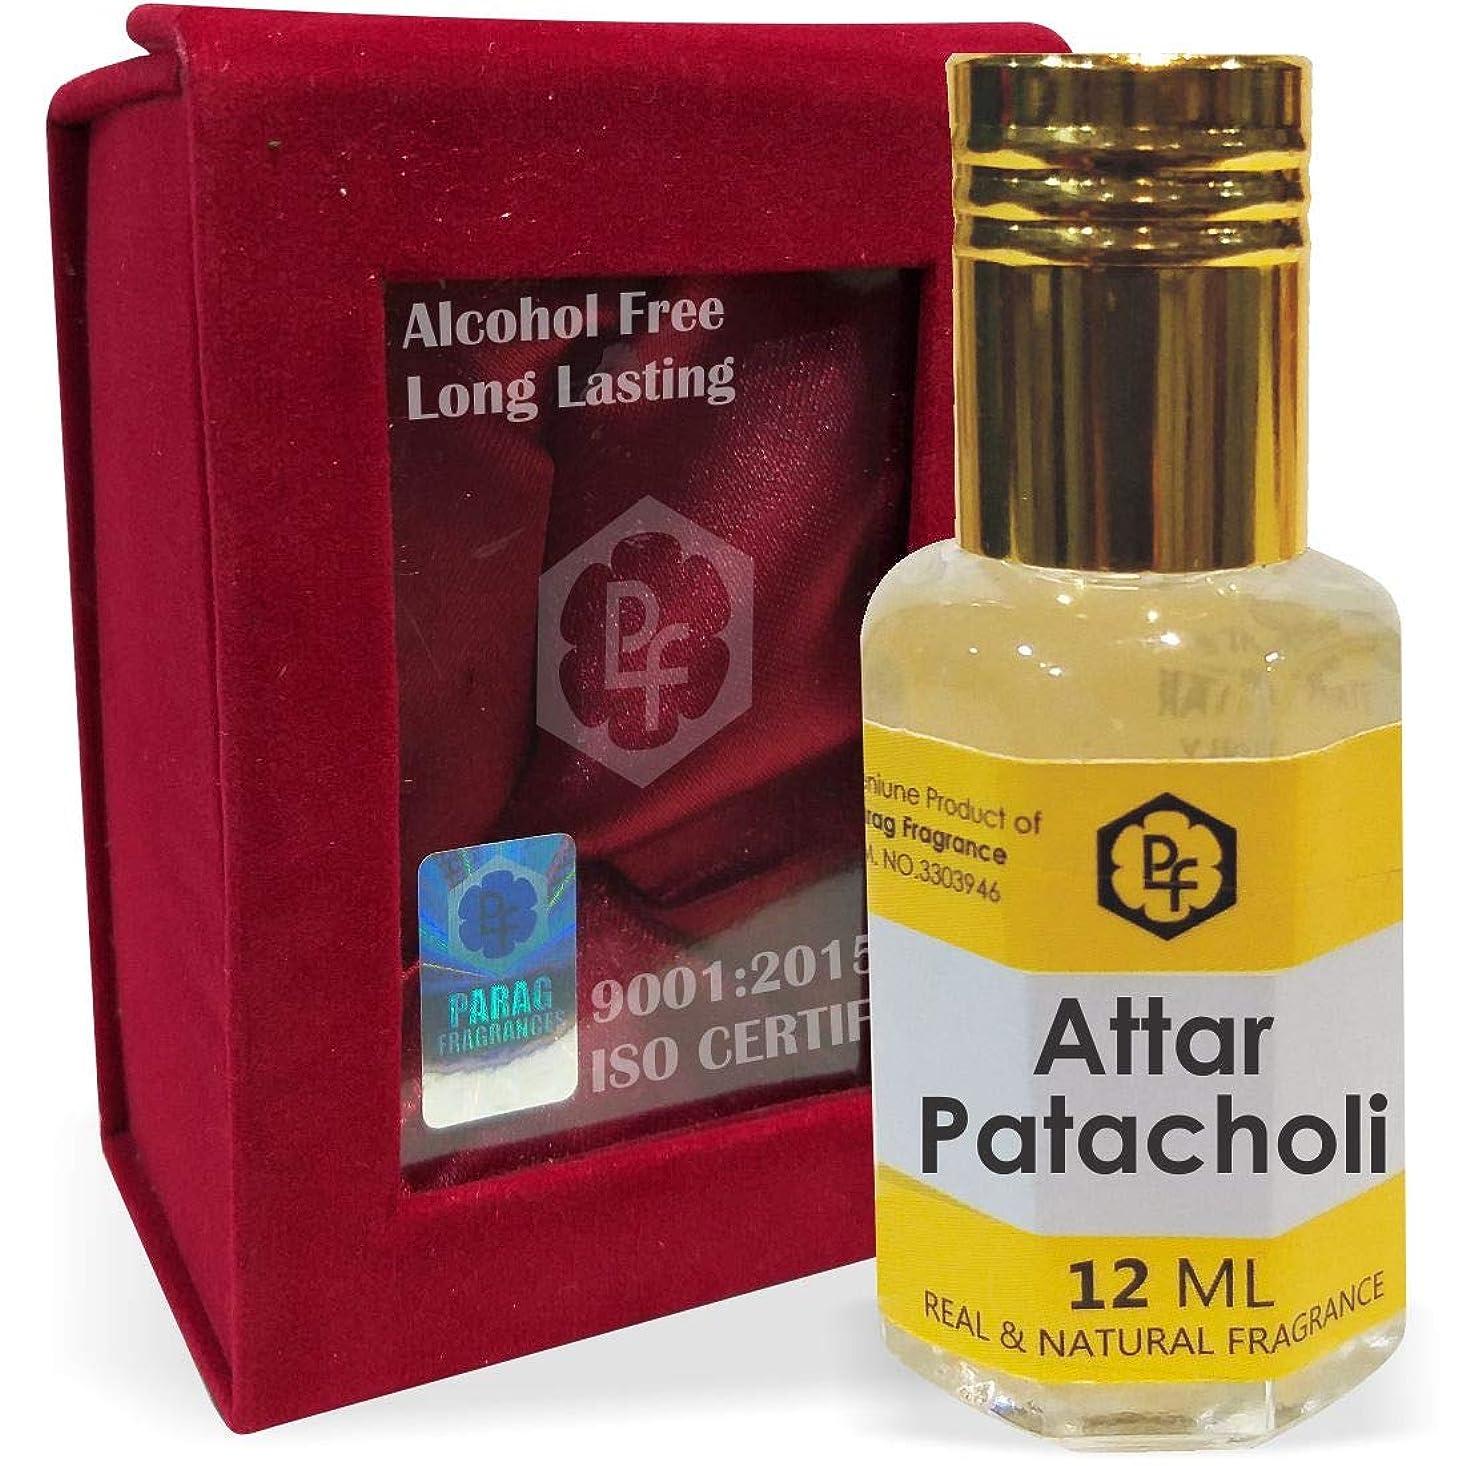 鮫補体拘束ParagフレグランスPatacholi手作りベルベットボックス12ミリリットルアター/香水(インドの伝統的なBhapka処理方法により、インド製)オイル/フレグランスオイル|長持ちアターITRA最高の品質